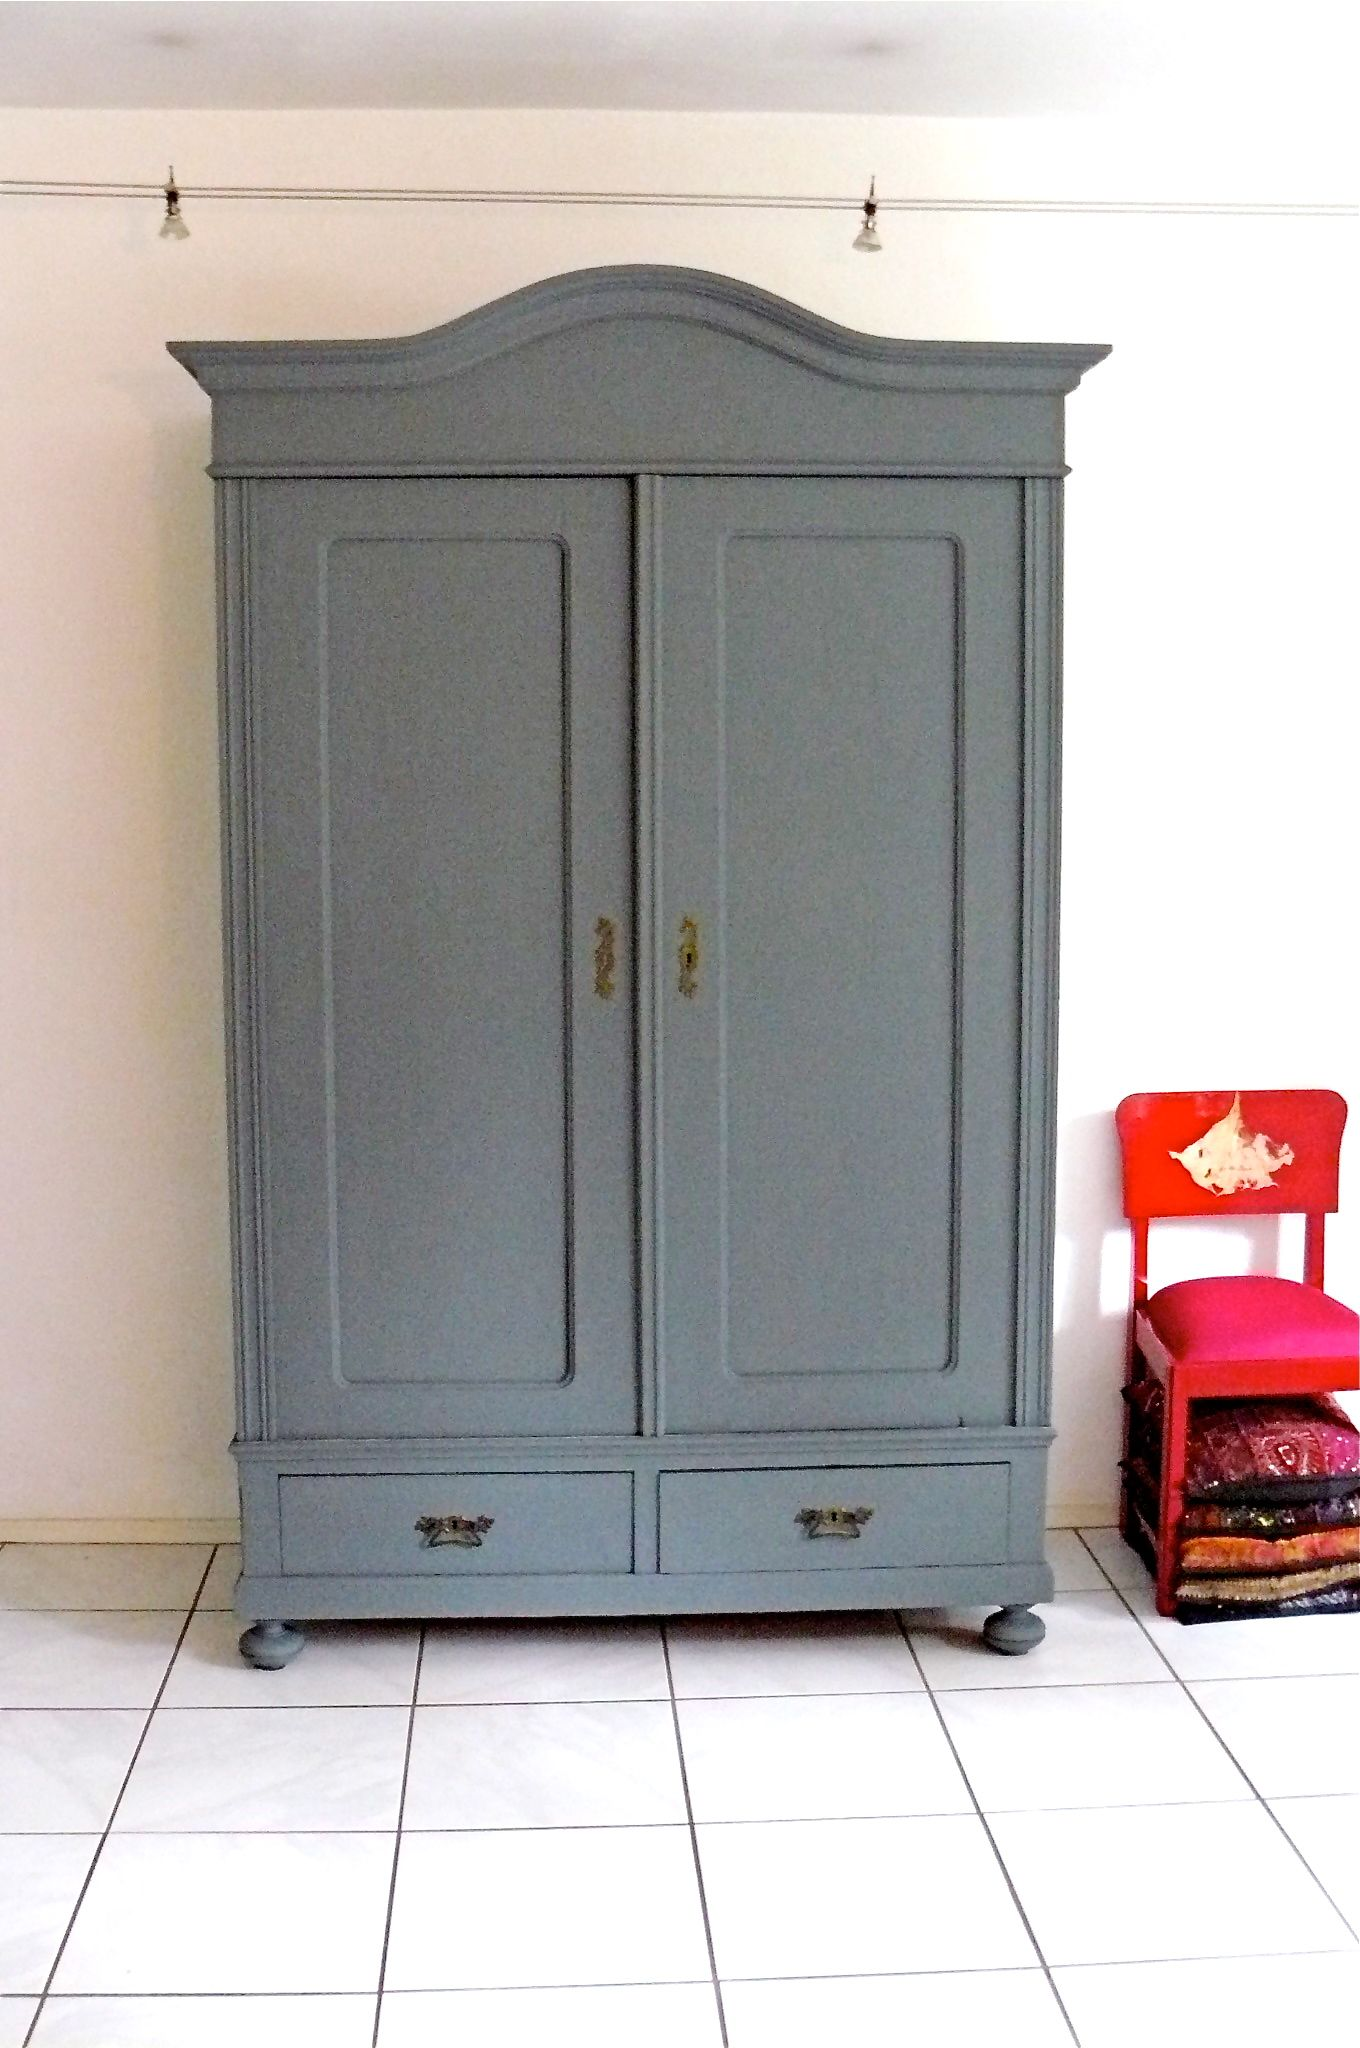 m bel streichen mit moose f rg matte farbe einfach und sch n estilo r stico franc s estilo. Black Bedroom Furniture Sets. Home Design Ideas